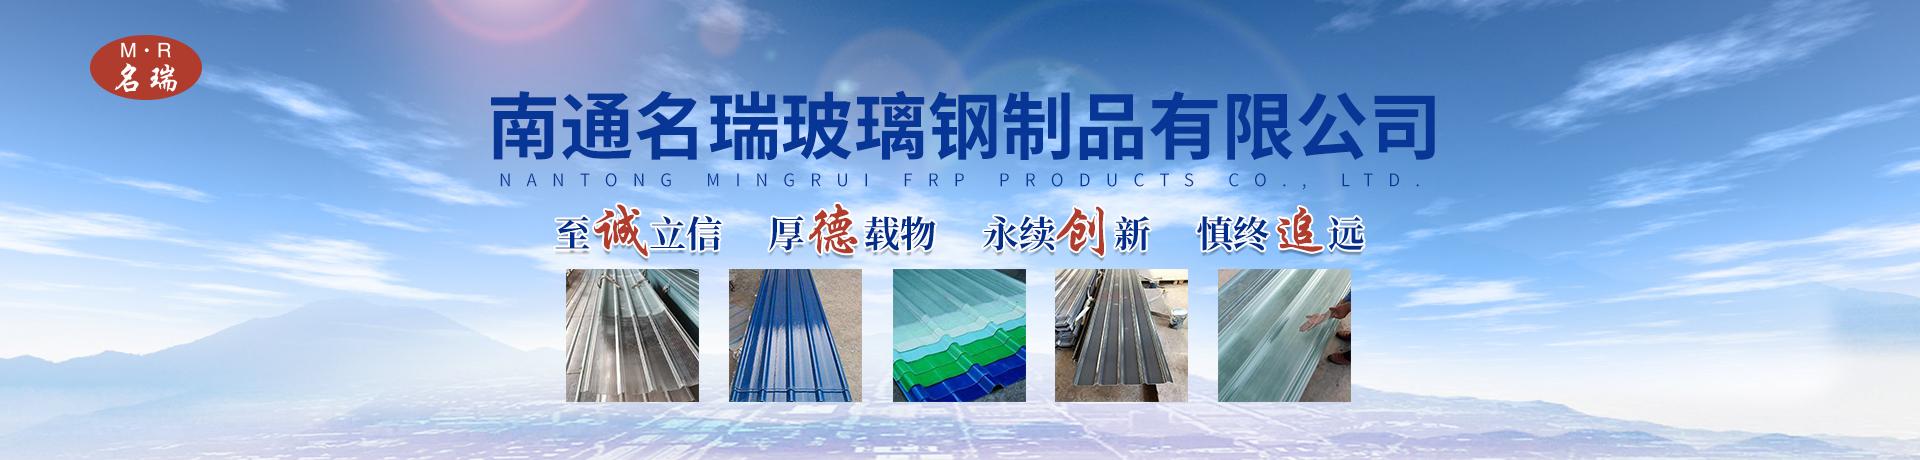 南通名瑞玻璃钢制品有限公司